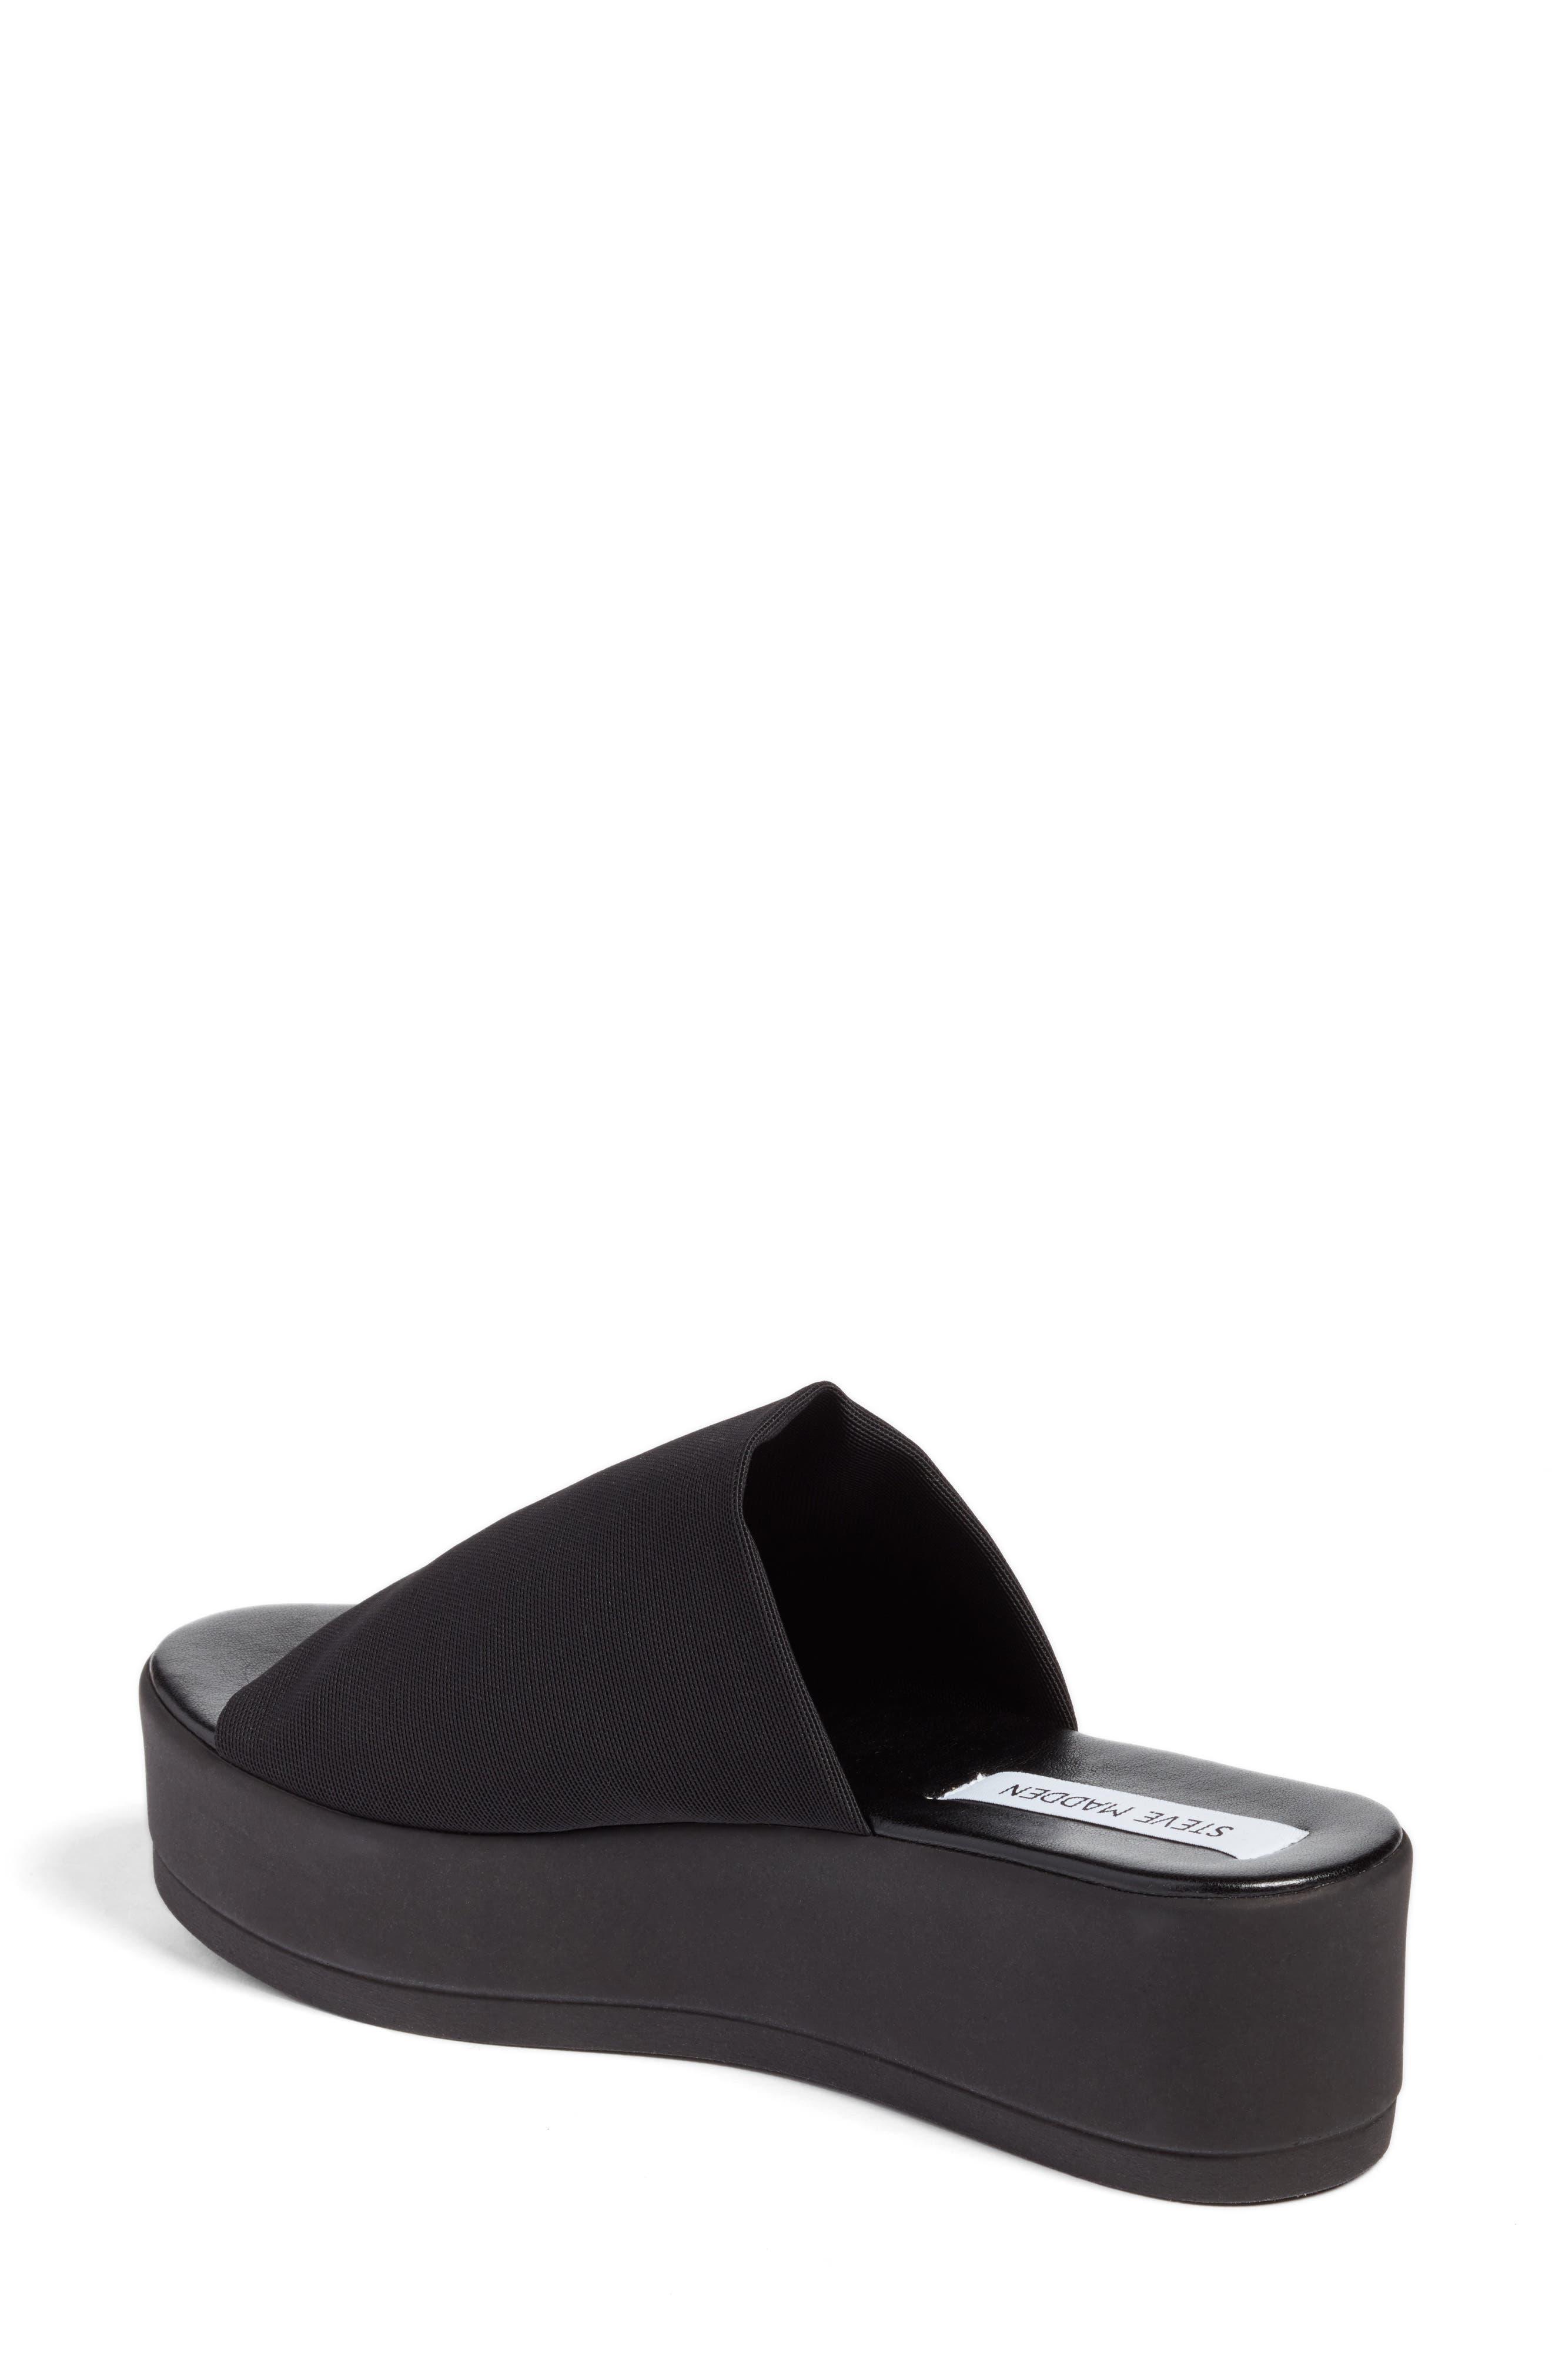 STEVE MADDEN, Slinky Platform Sandal, Alternate thumbnail 2, color, 001